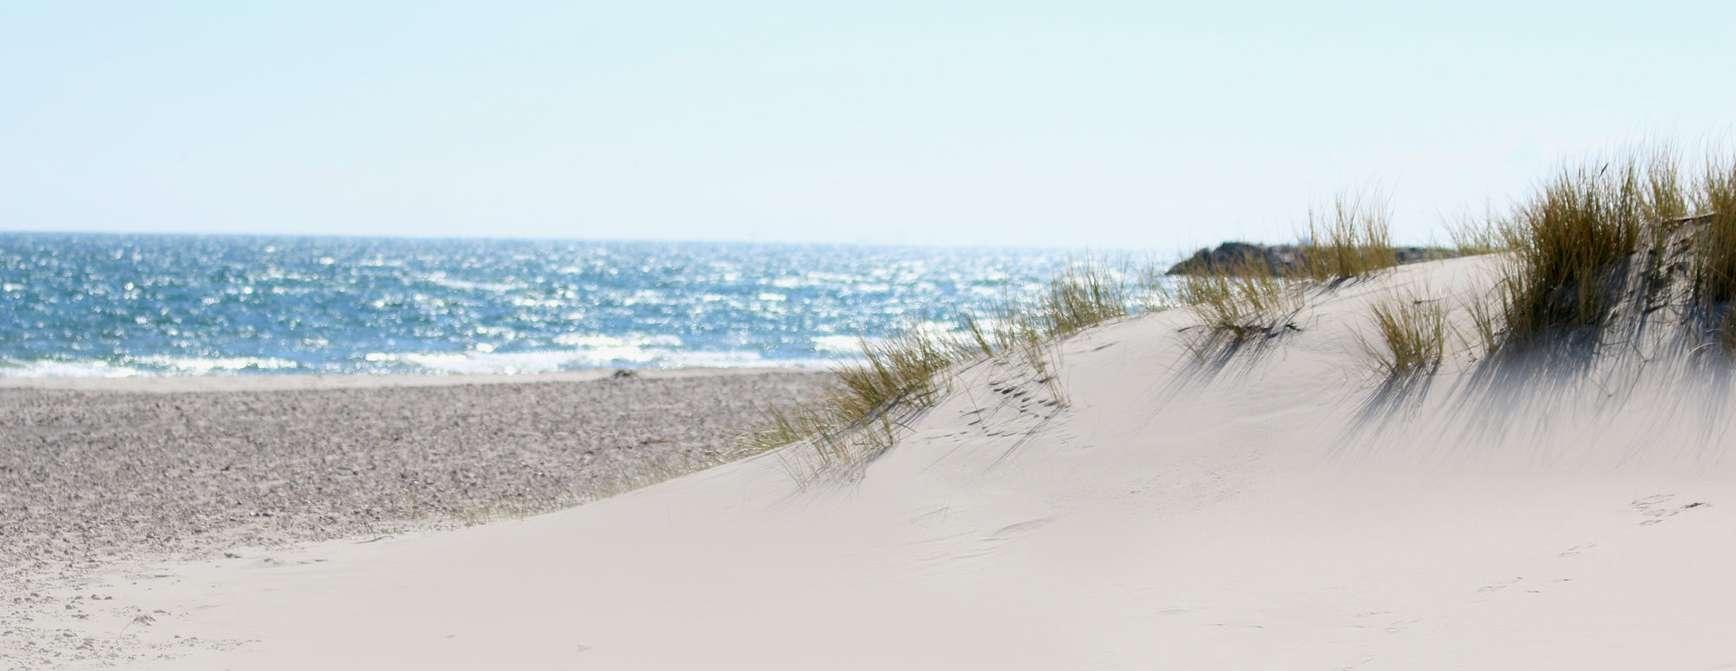 Fantastiske strender. I Danmark er du aldri lenger unna havet enn 50 kilometer. Her fra Skagen. Foto: Fjord Line